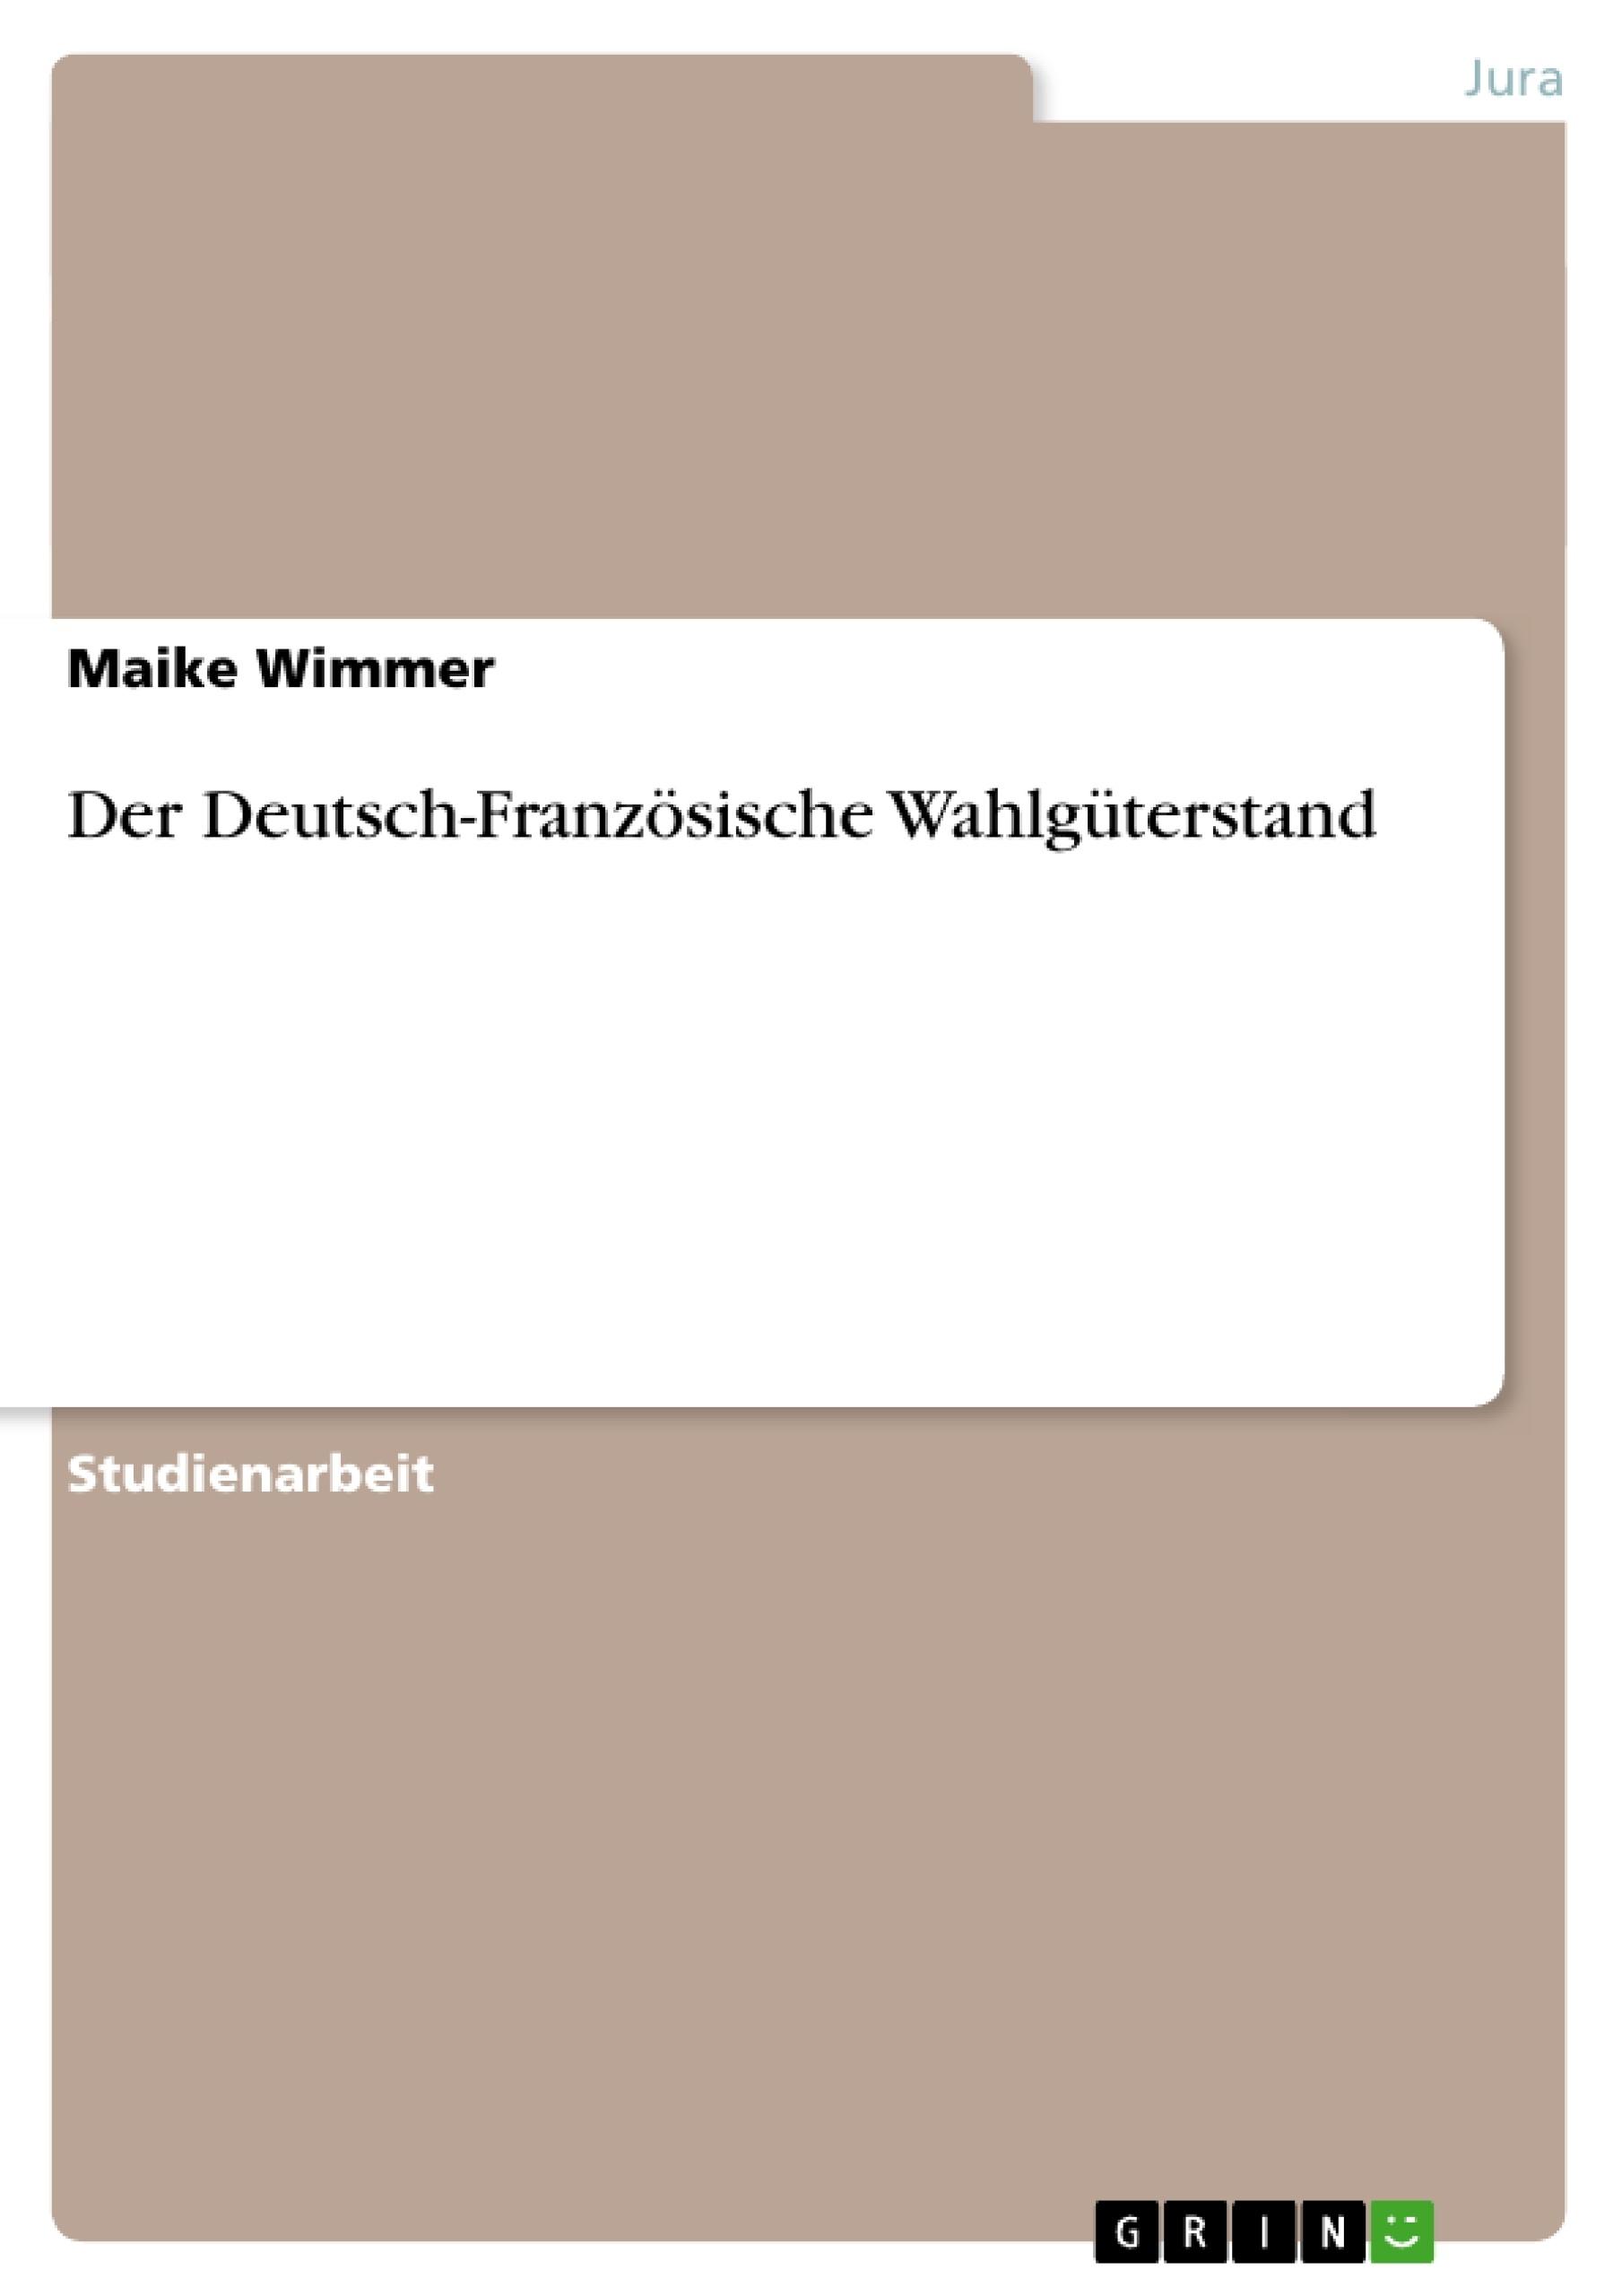 Titel: Der Deutsch-Französische Wahlgüterstand